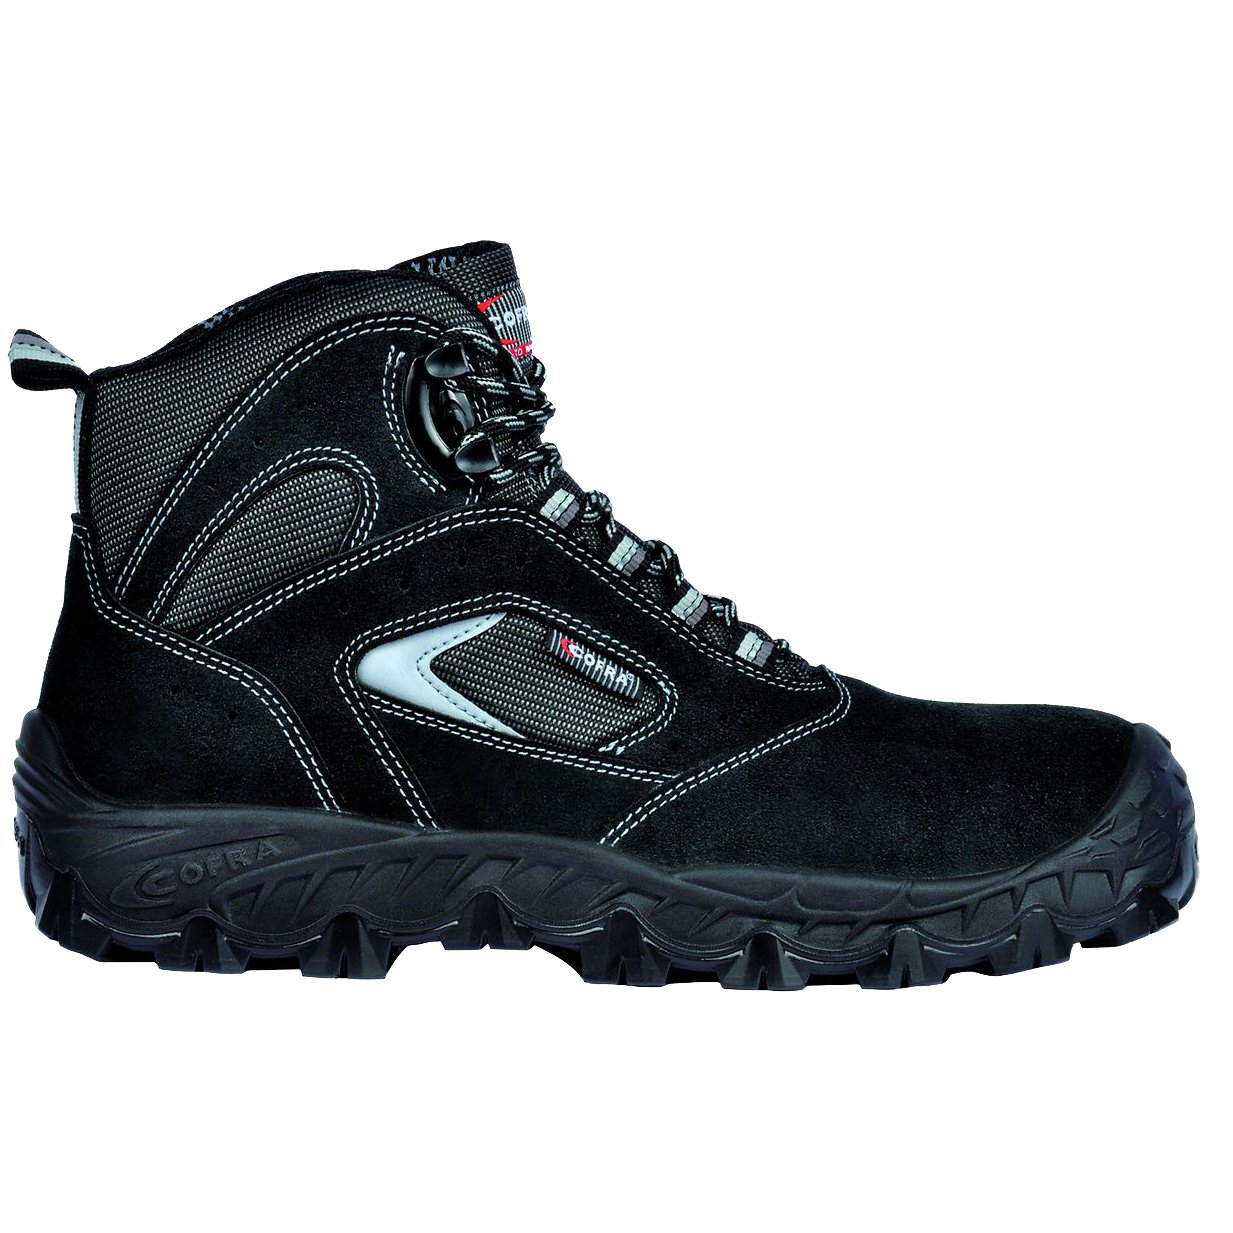 Cofra NEW Egeo S1 P SRC par de zapatos de seguridad talla 36 NEGRO: Amazon.es: Bricolaje y herramientas